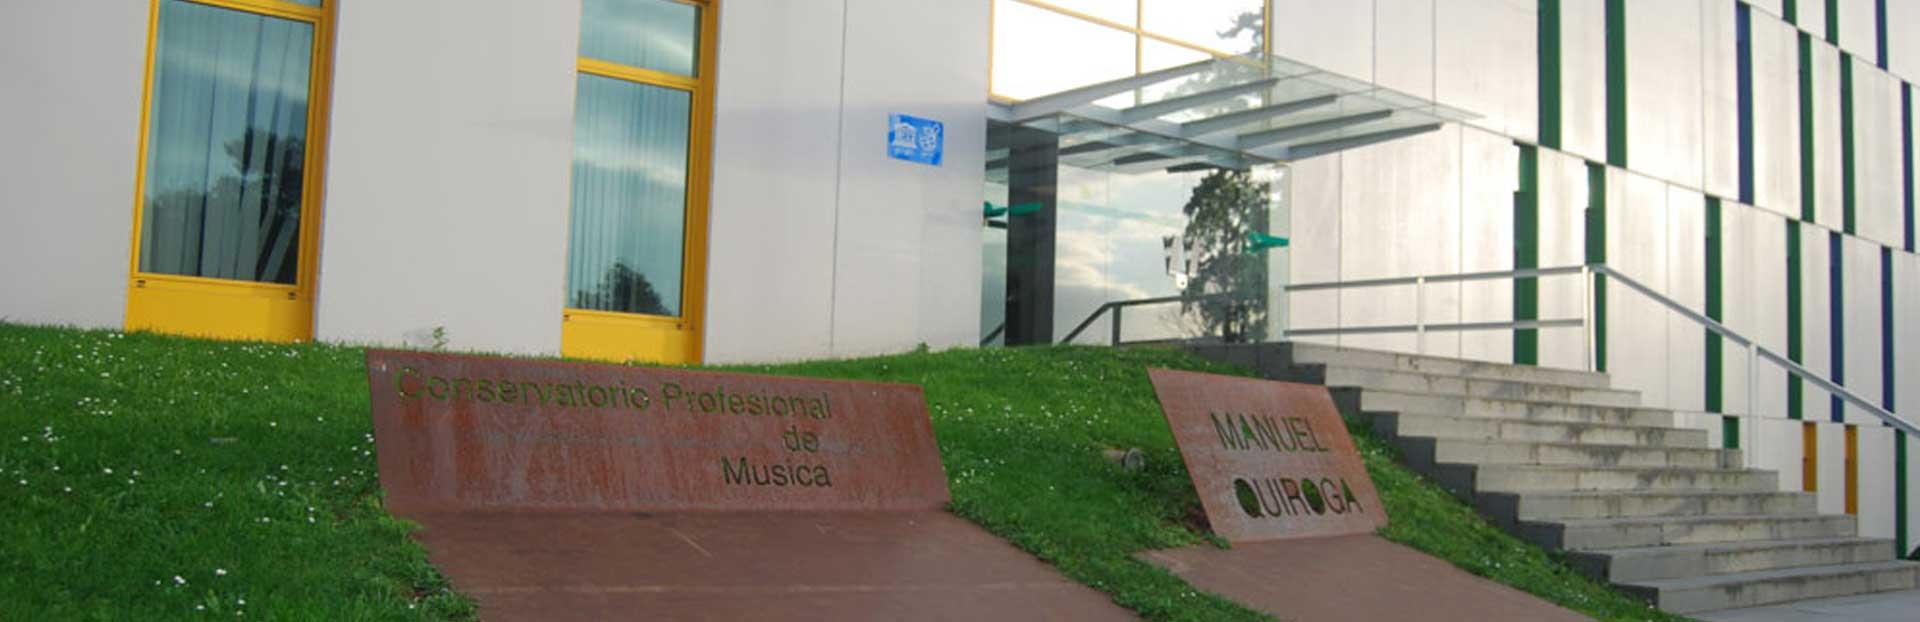 CMUS Profesional Manuel Quiroga (Pontevedra)